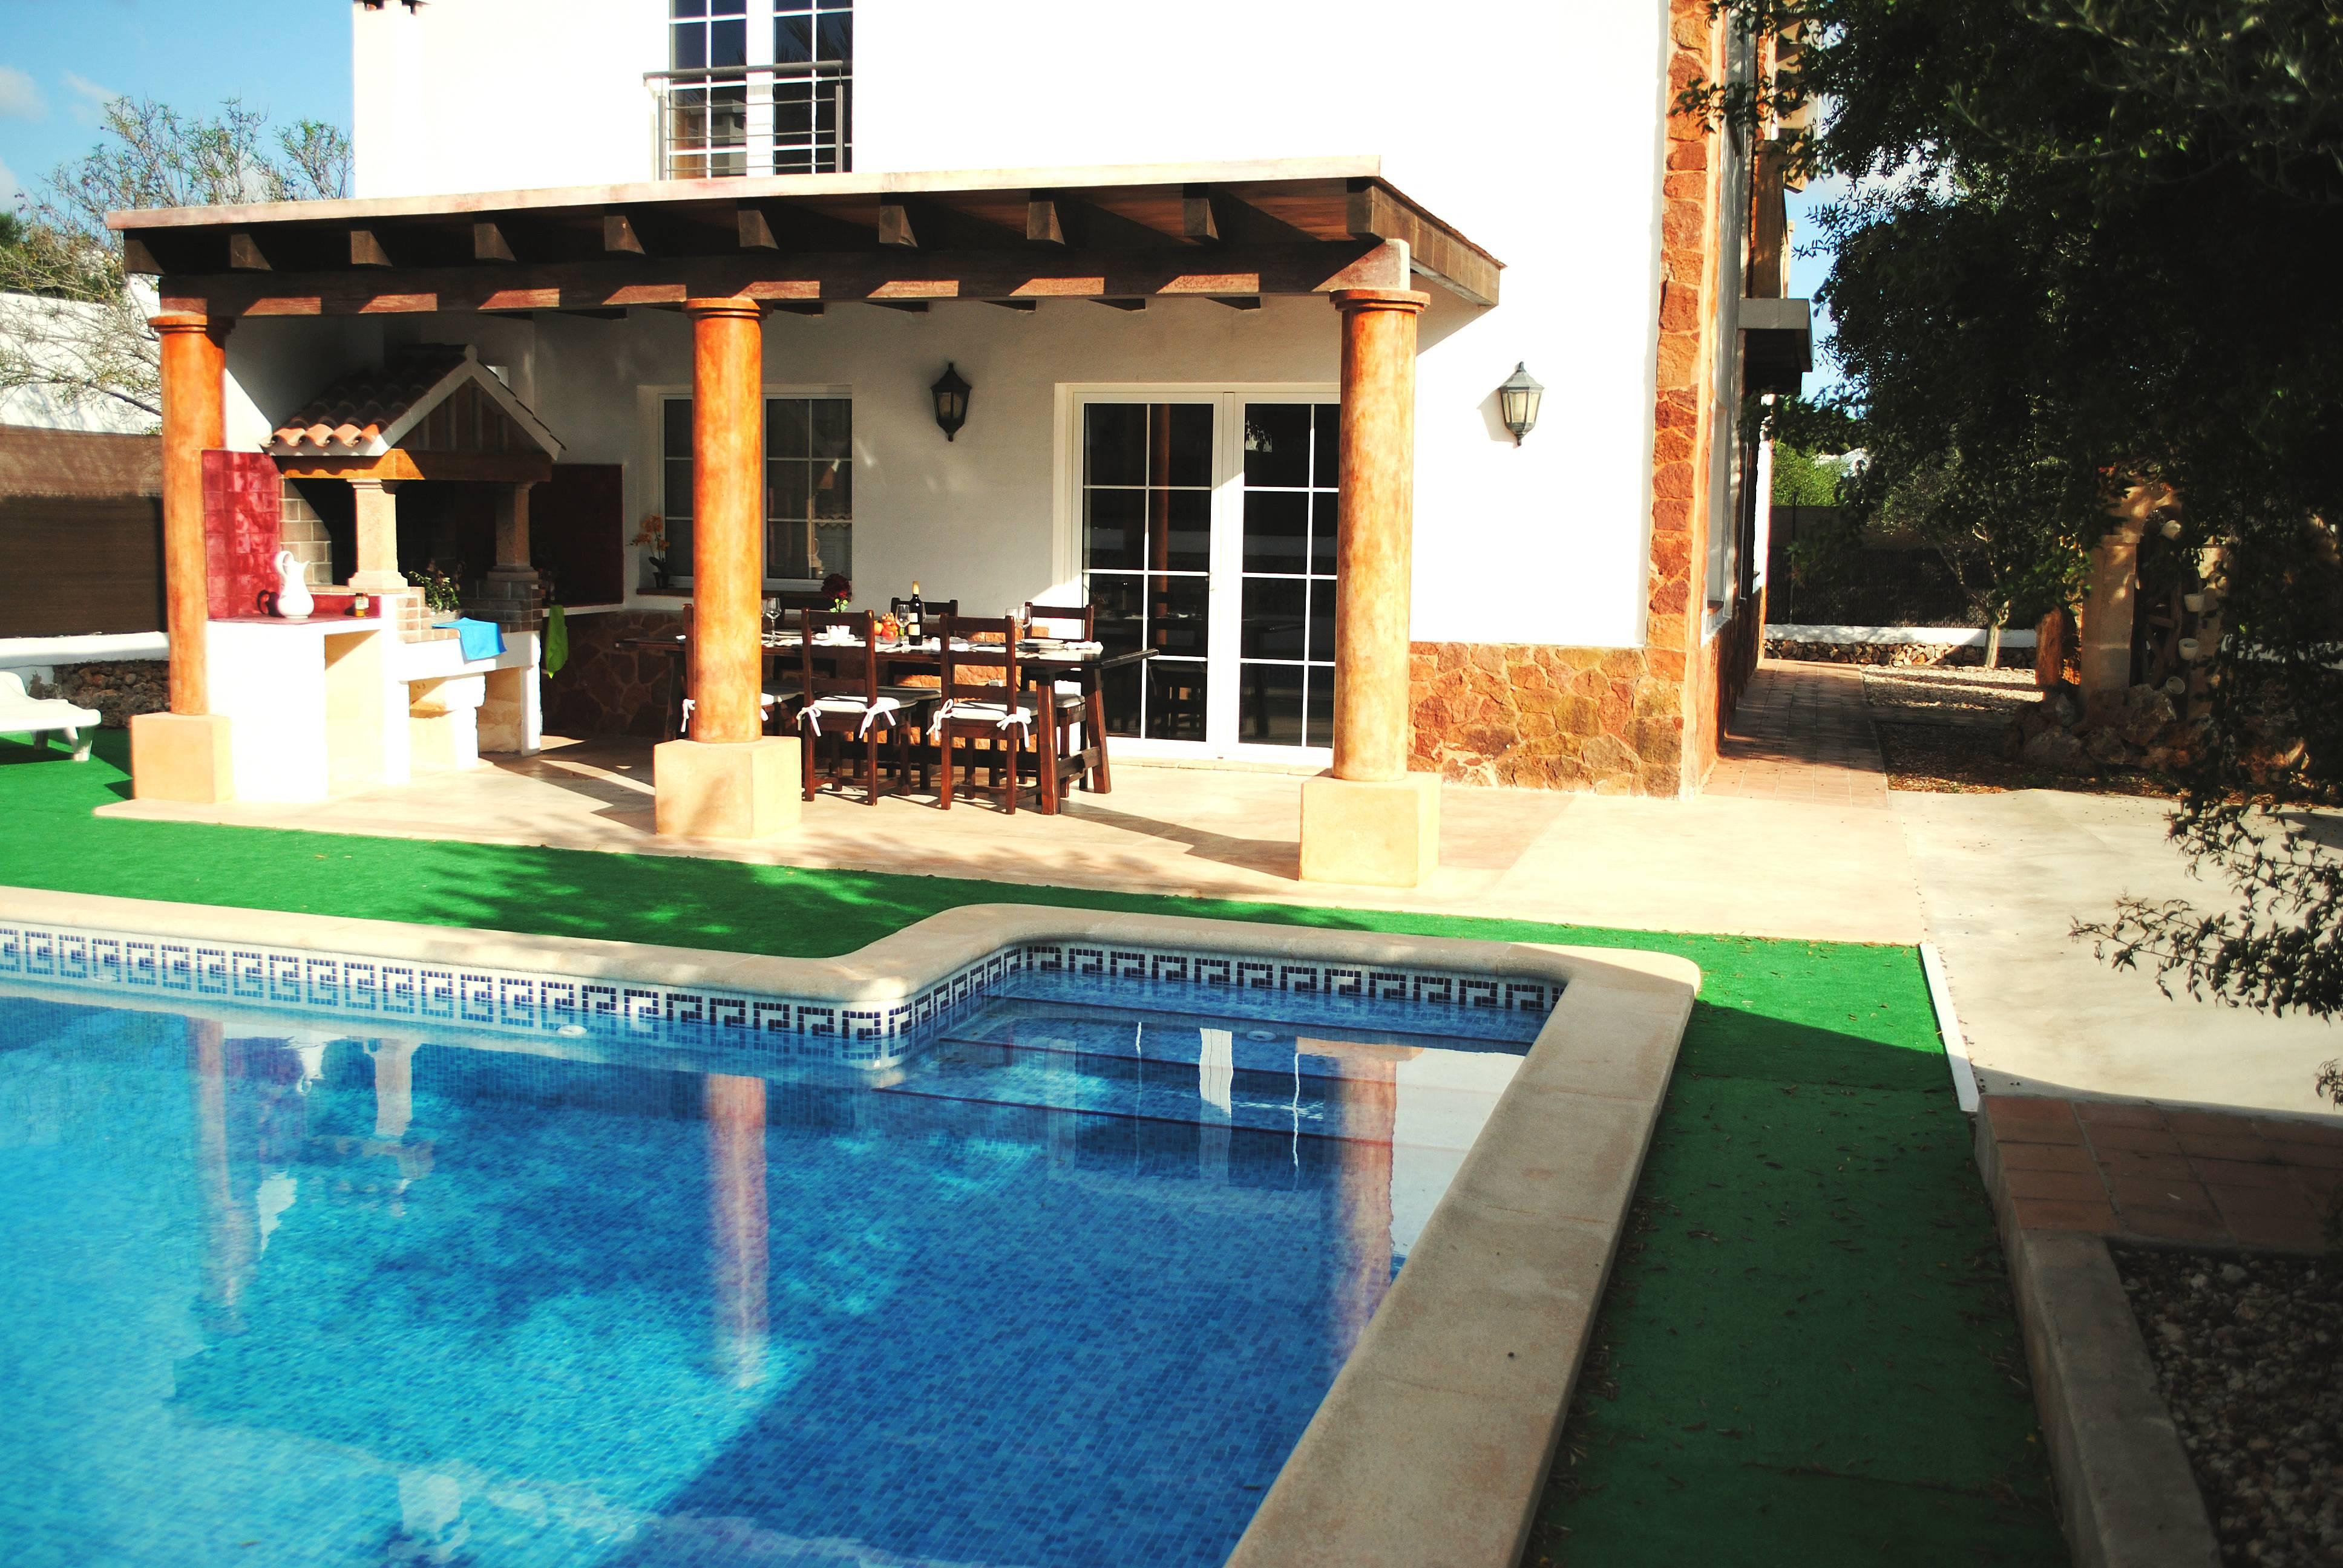 Villa con jard n y piscina privada ciutadella de menorca for Villas con piscina privada